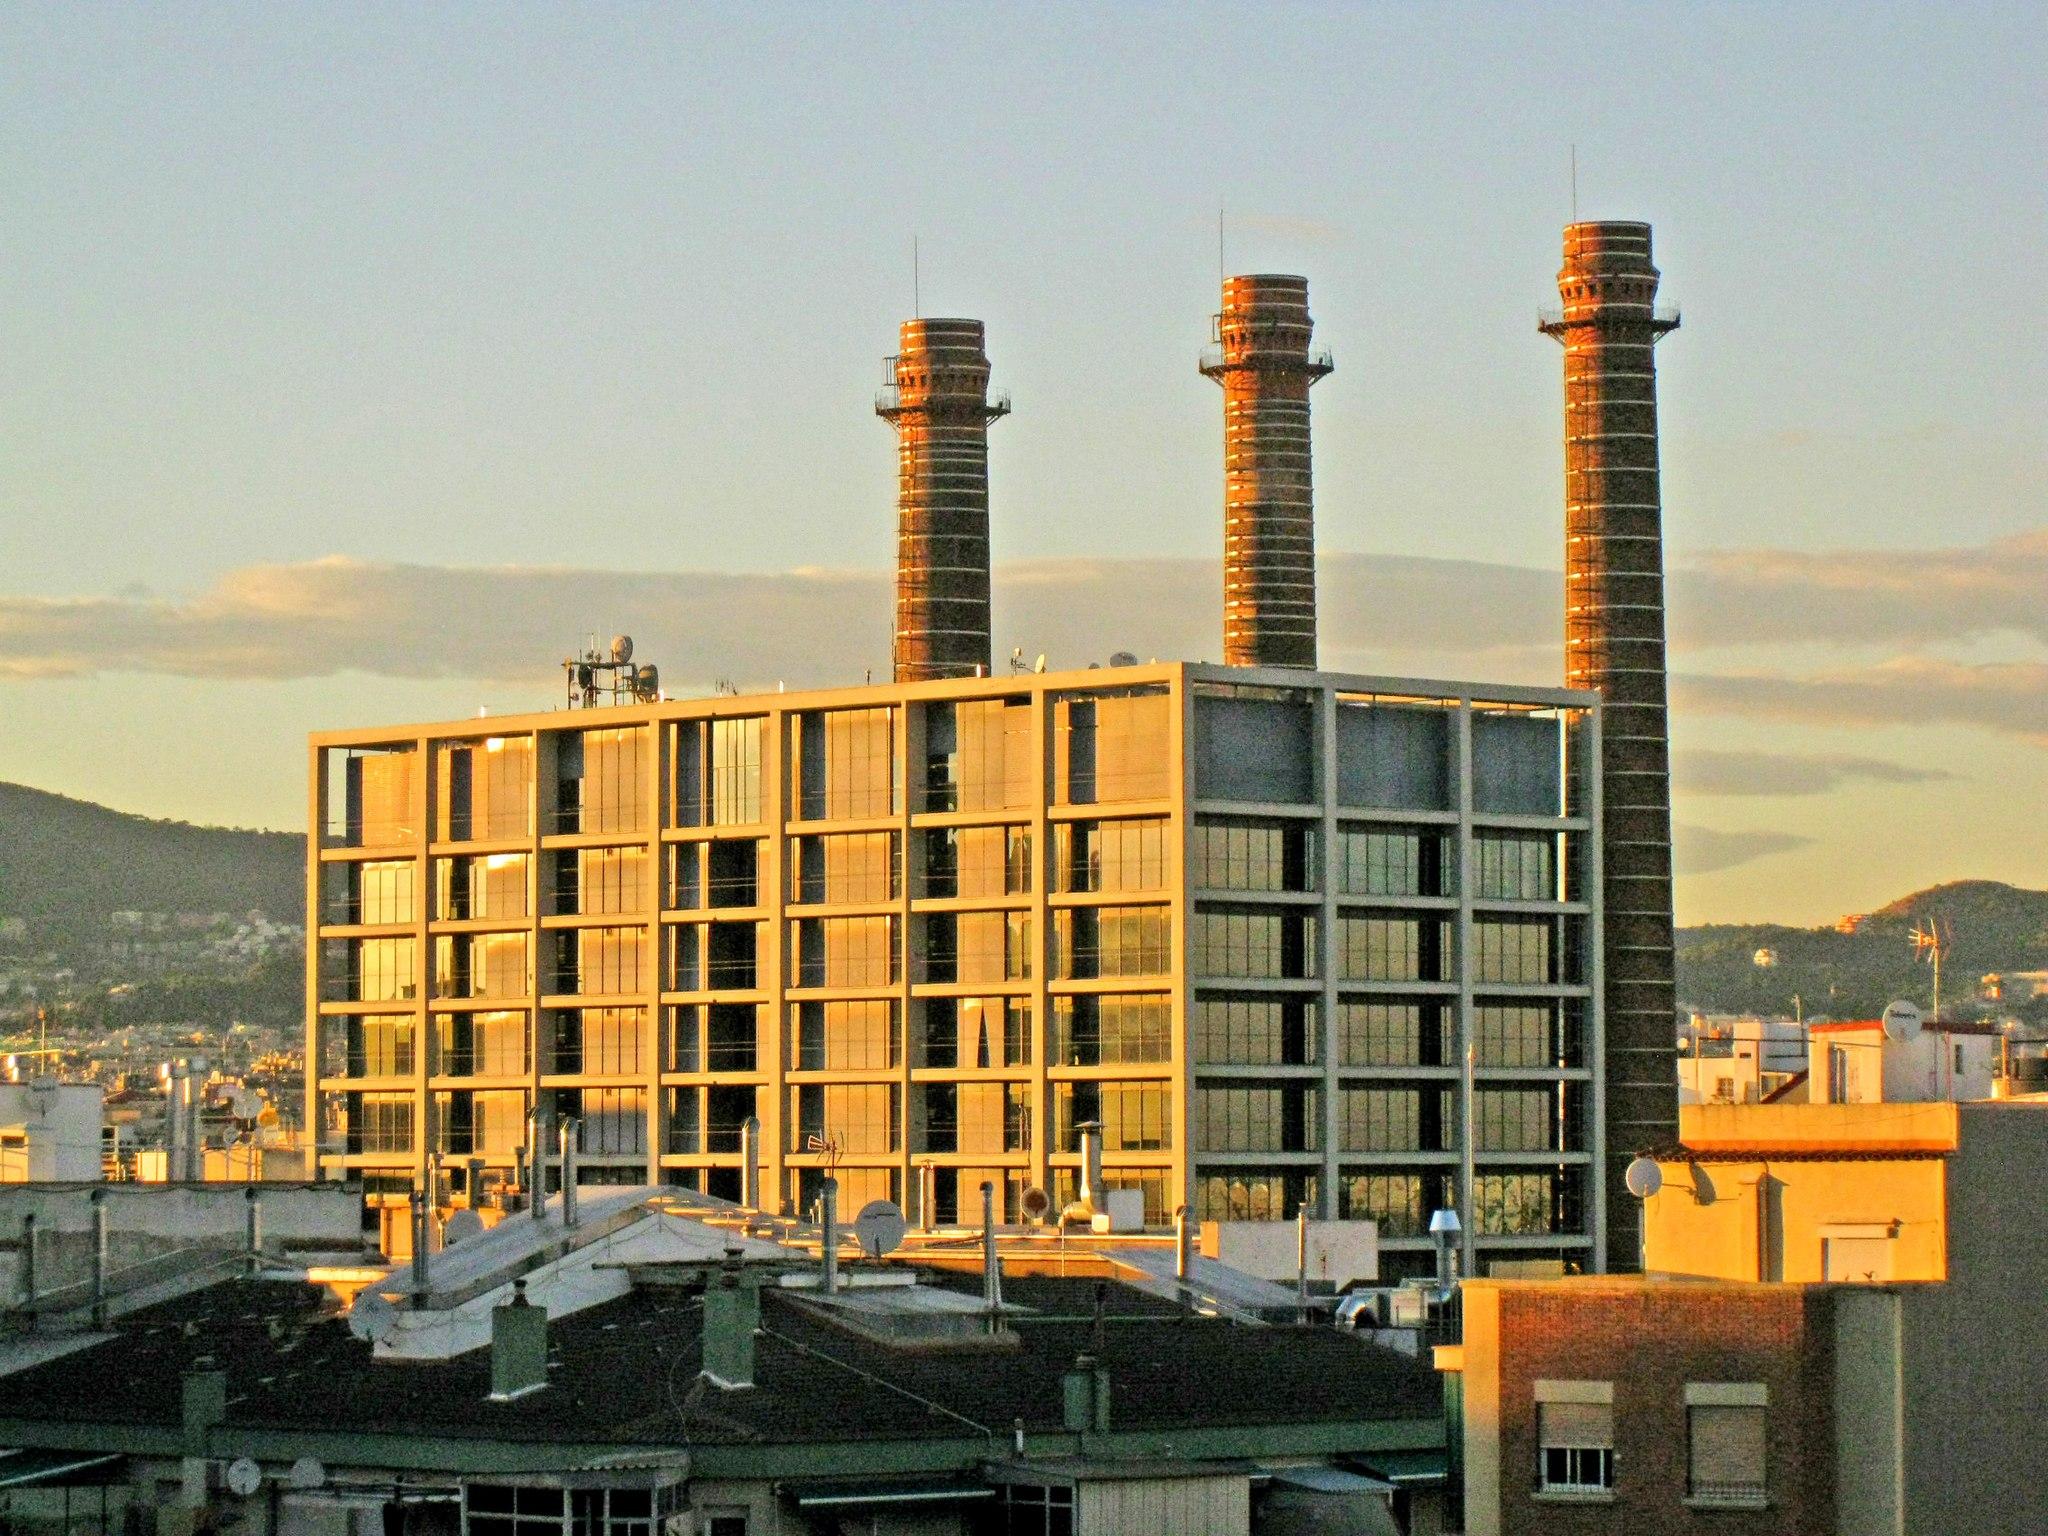 Edifici de les Tres xemeneies una de les plantes productores d'energia que tenia la Canadenca foto: Wkimedia